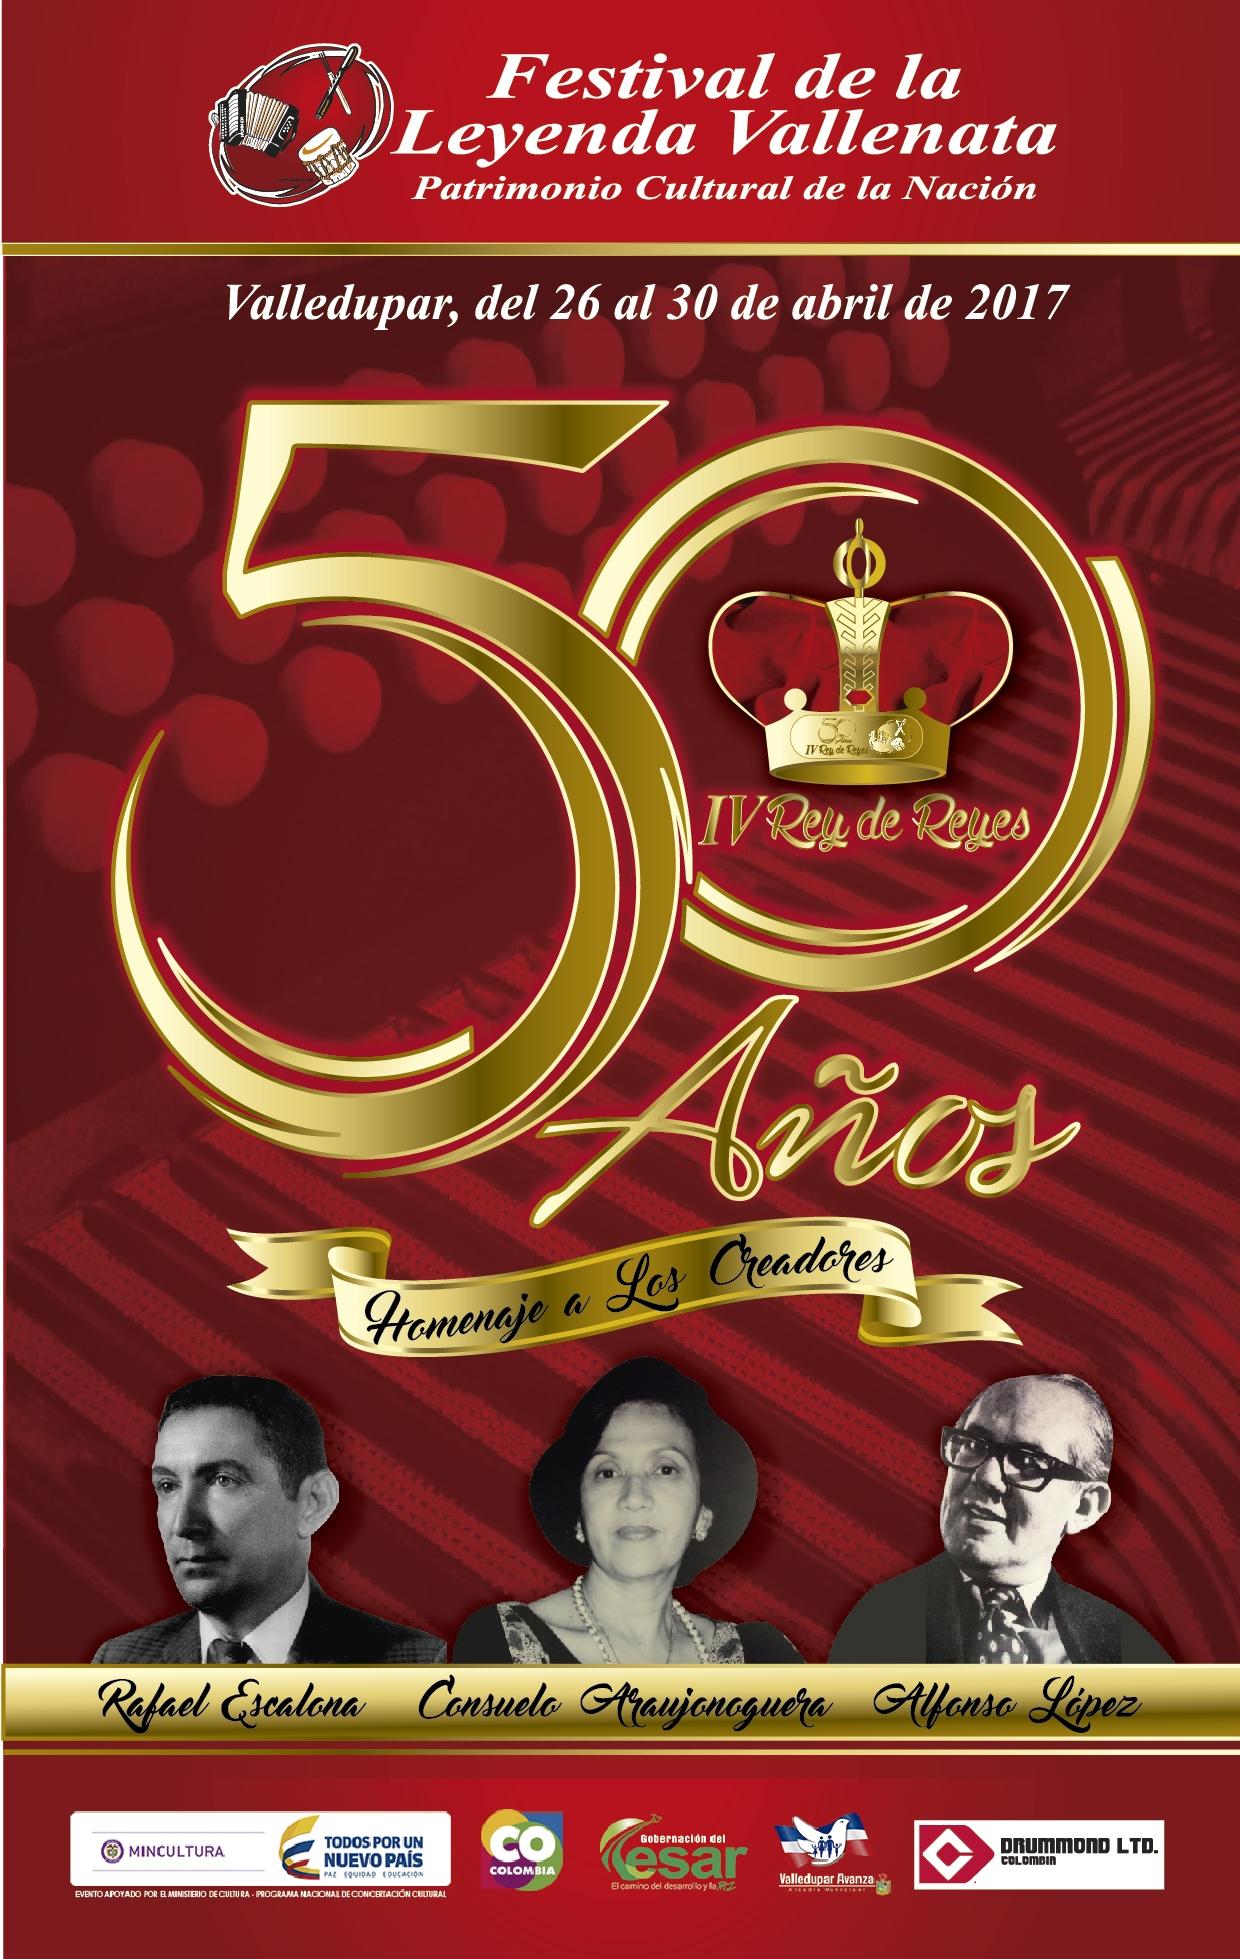 Circula el afiche promocional del 50º Festival de la Leyenda Vallenata/IV Rey de Reyes